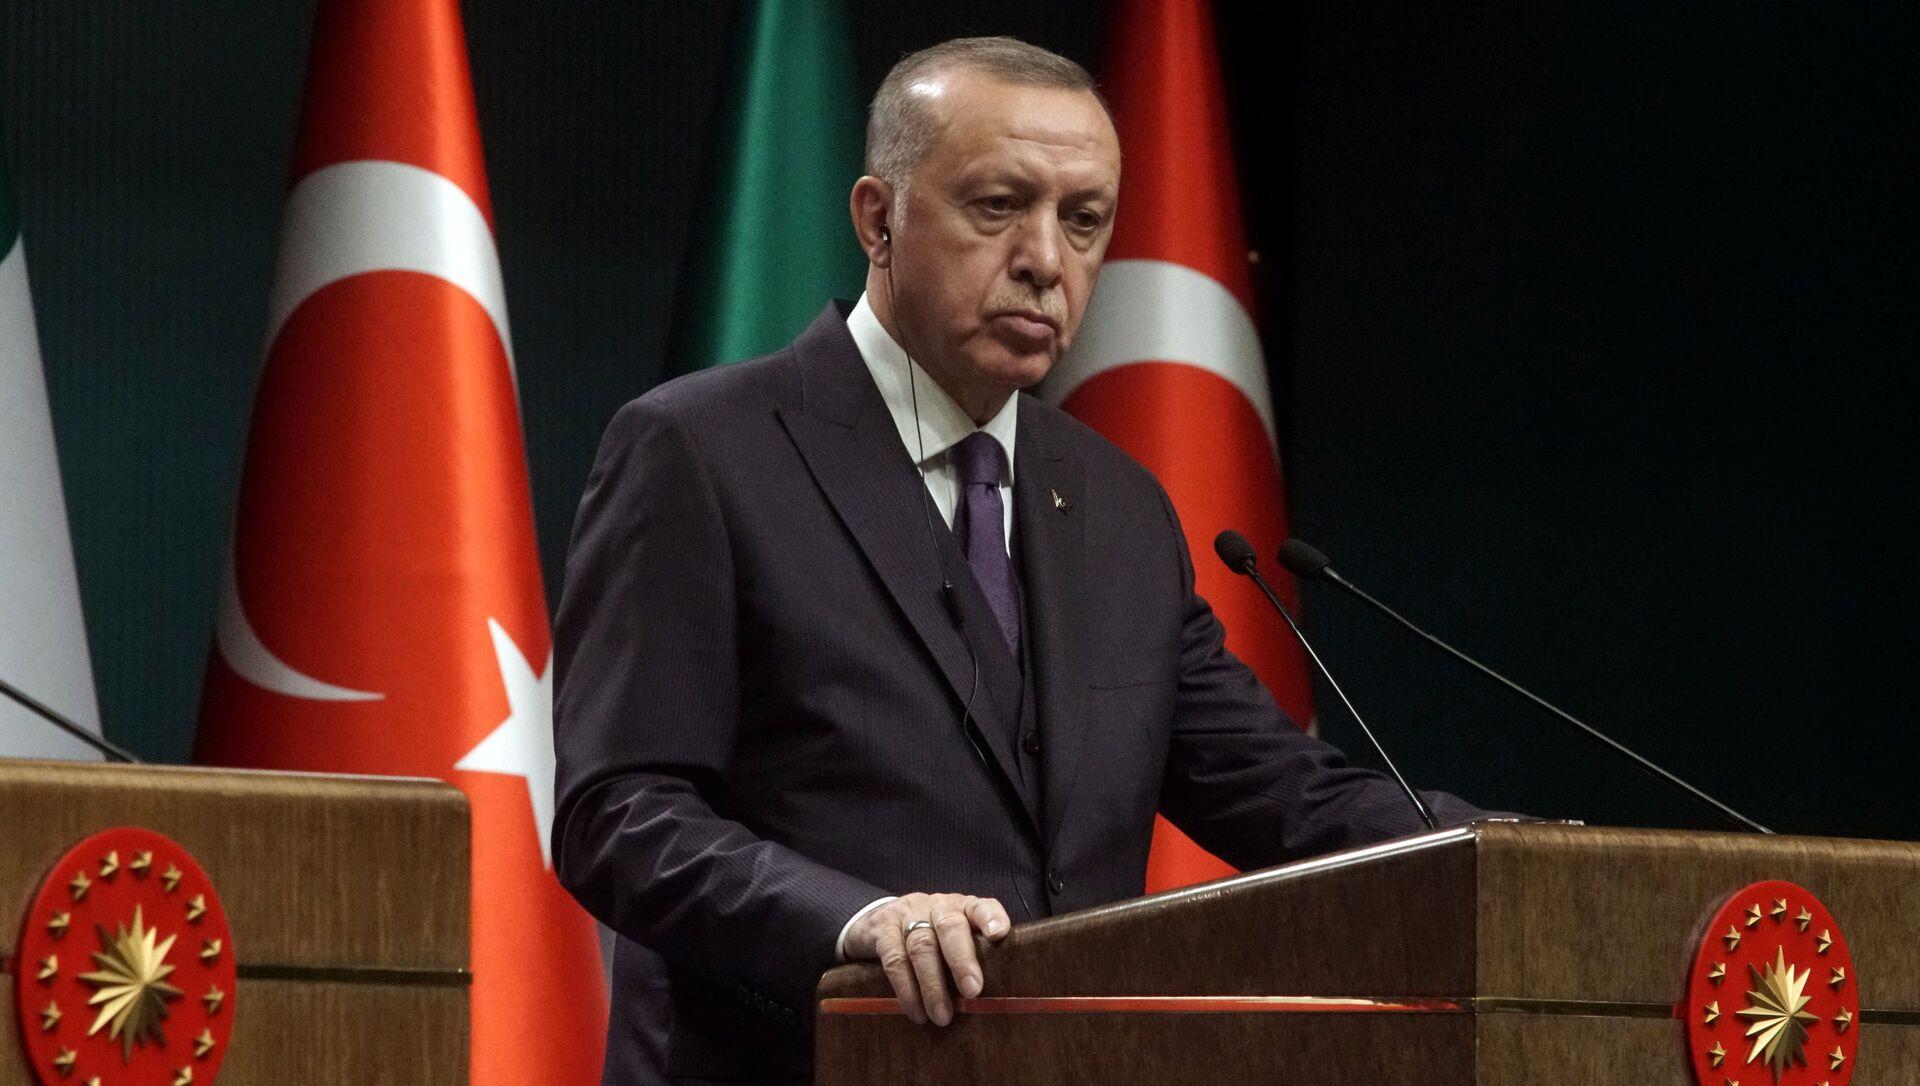 Recep Tayyip Erdogan, el presidente de Turquía - Sputnik Mundo, 1920, 03.02.2020